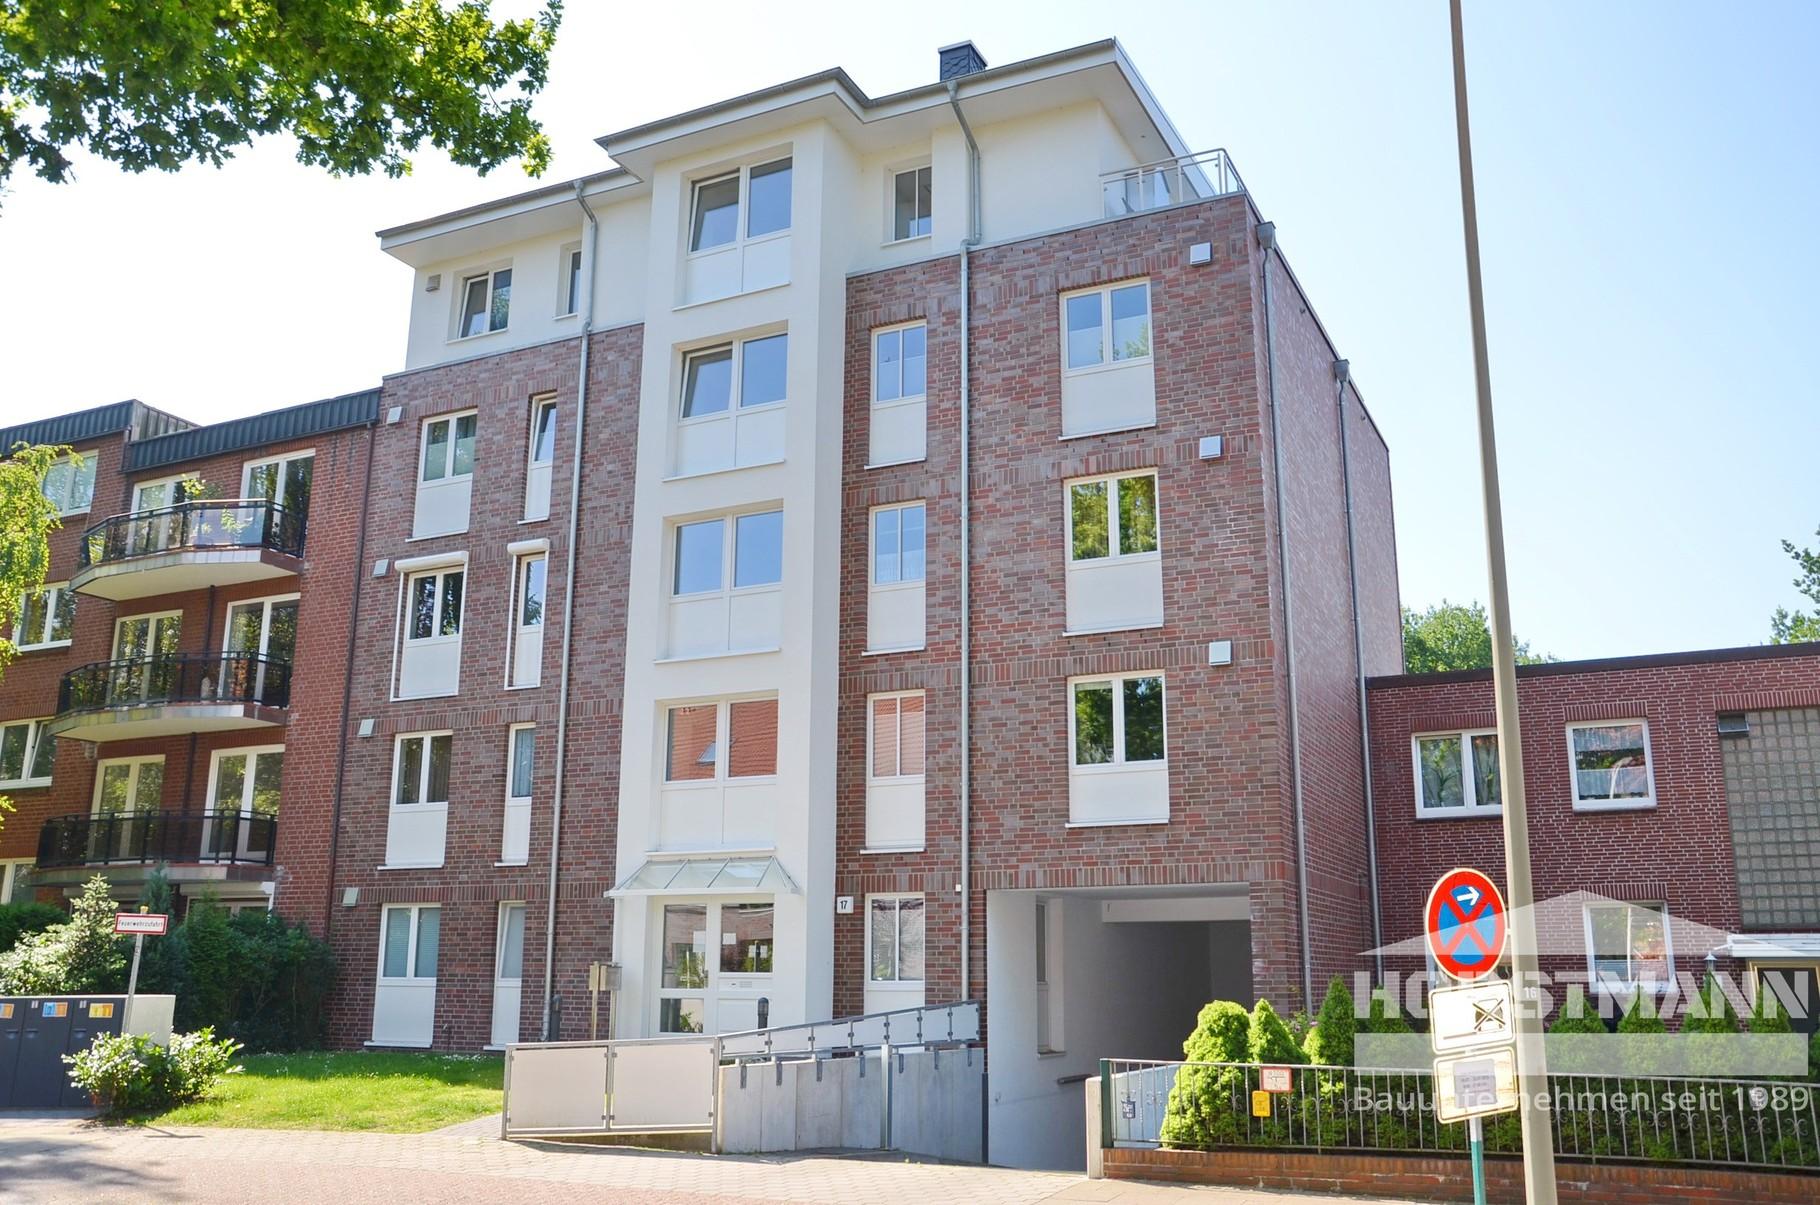 Mehrfamilienhaus - Hamburg-Rissen - Baujahr 2012 - 8 Wohneinheiten